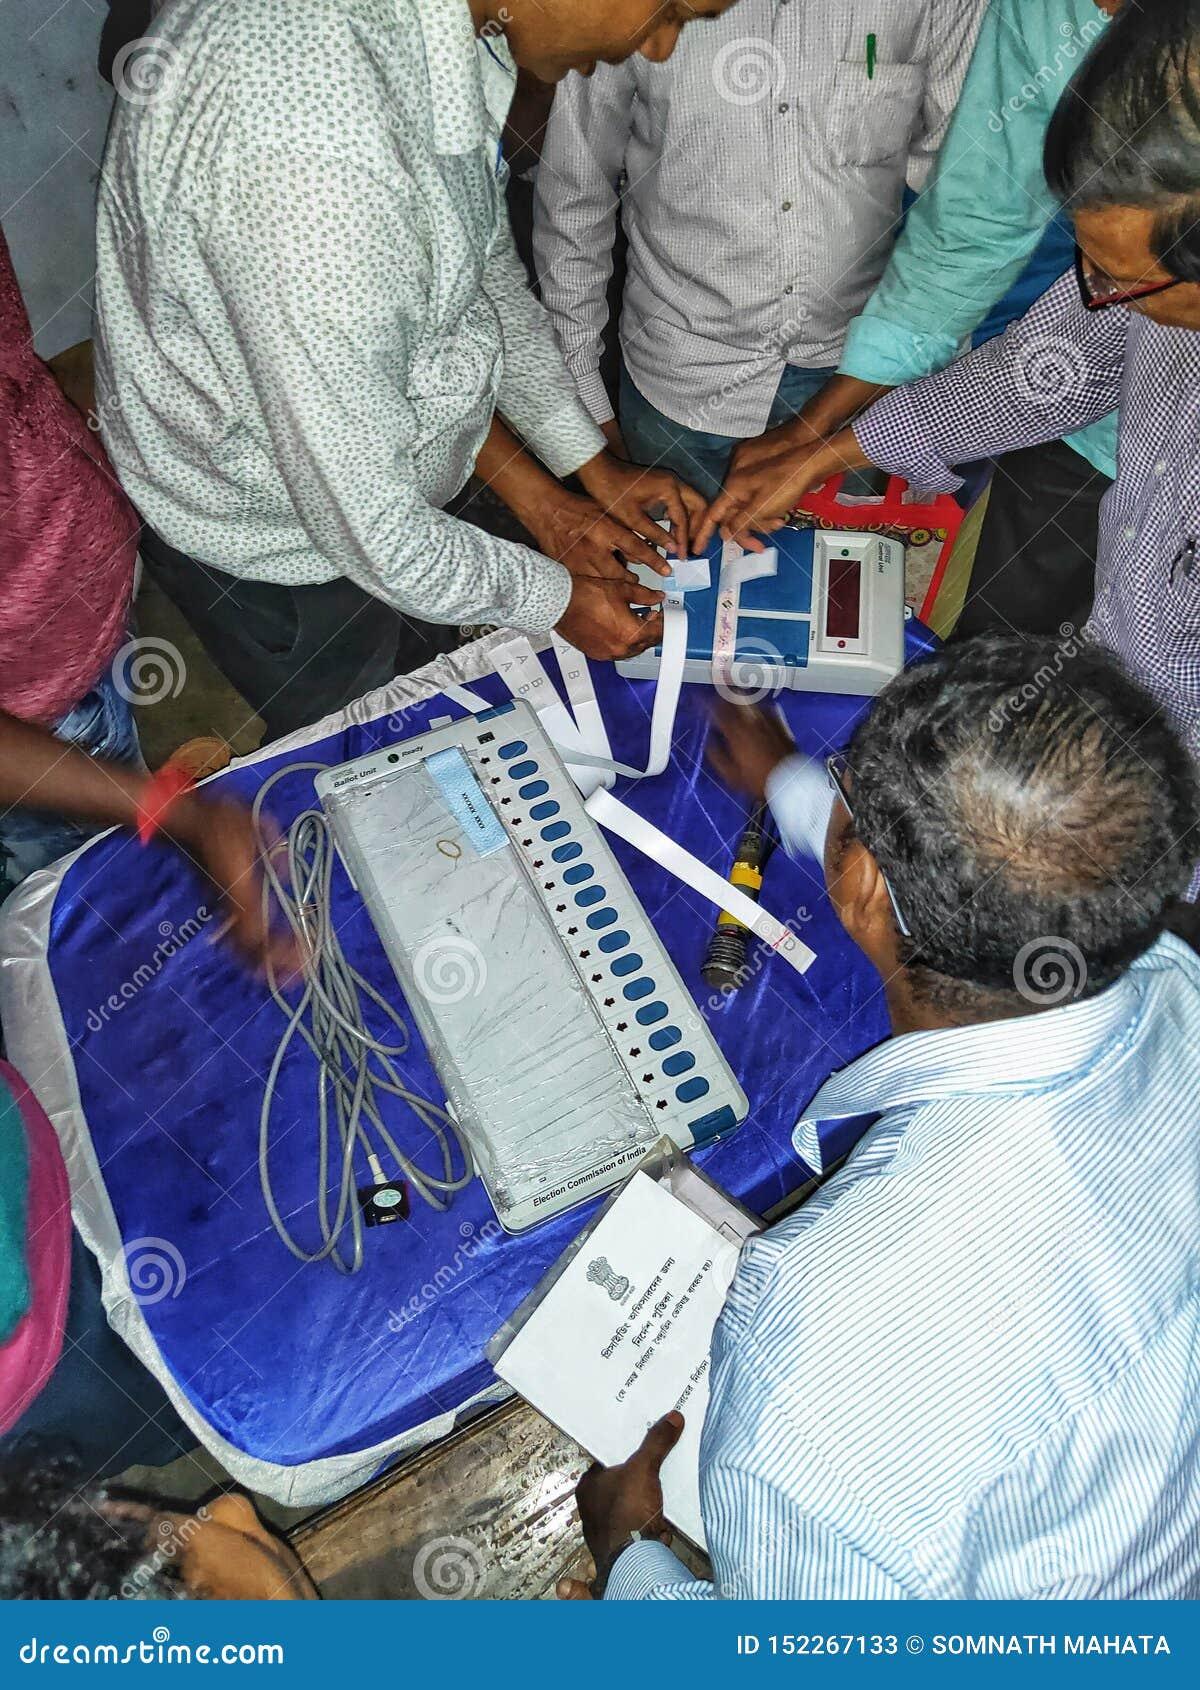 Тренируя процедура персонала полинга на избрание 2019 Lok Sabha или избрание 2019 Генеральной Ассамблеи держалась избранием